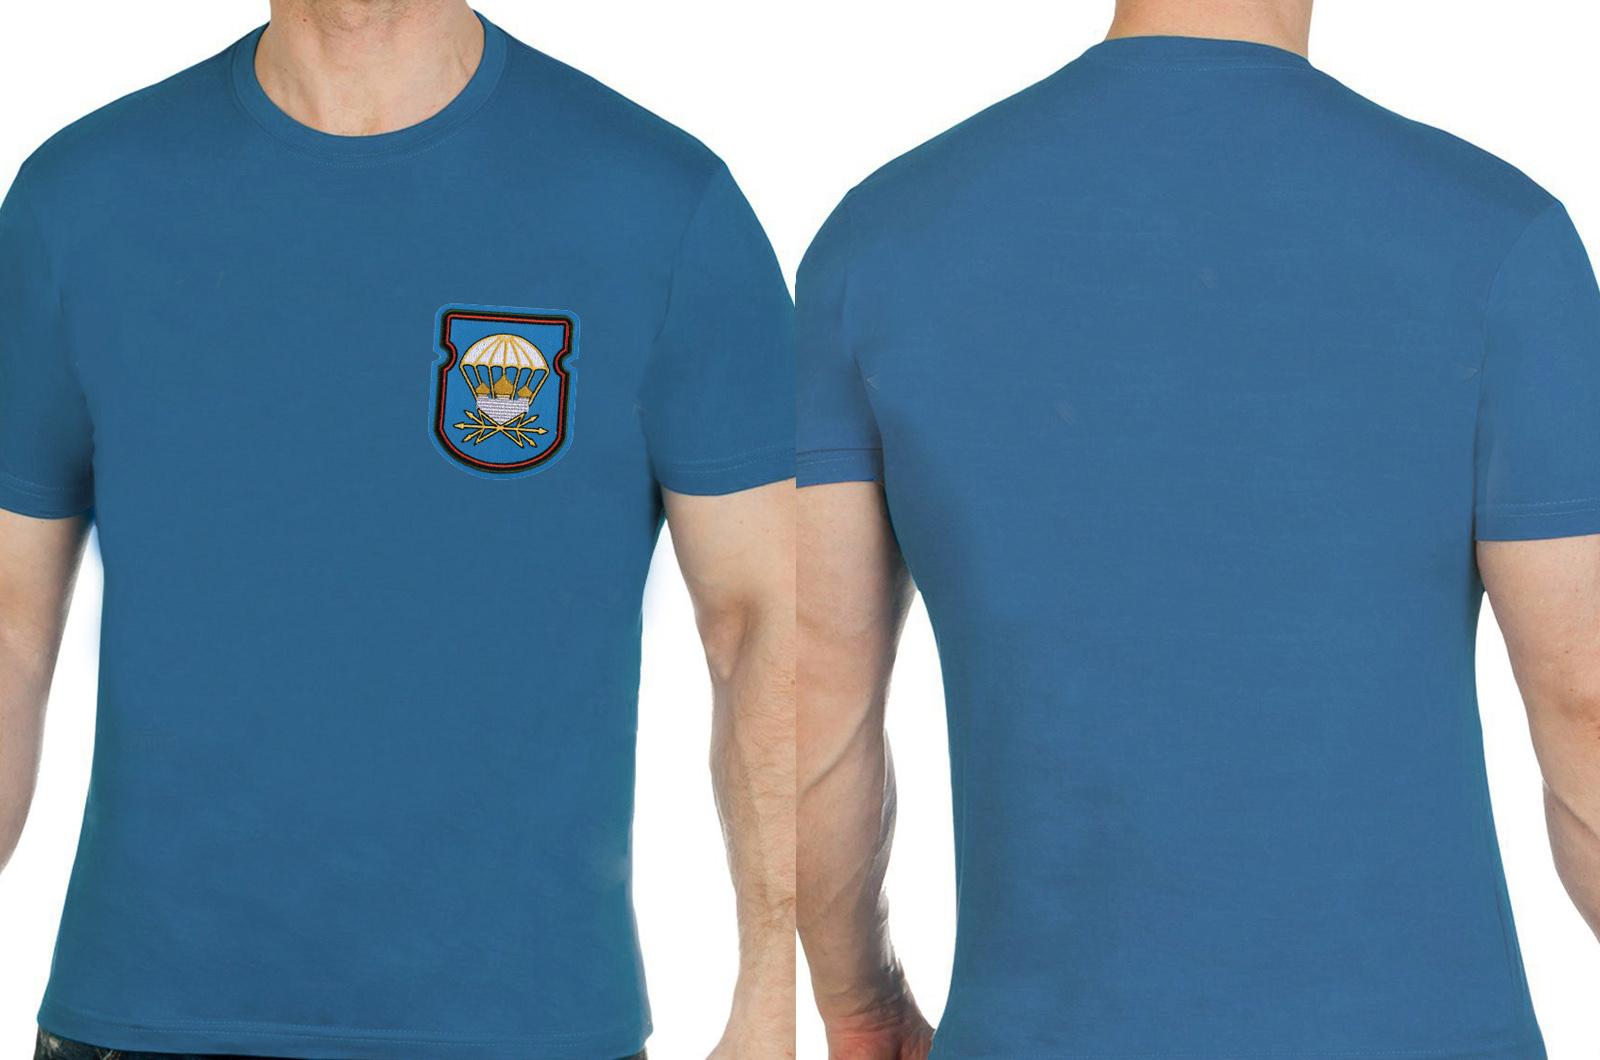 Трикотажная бирюзовая футболка с вышивкой ВДВ - купить в подарок